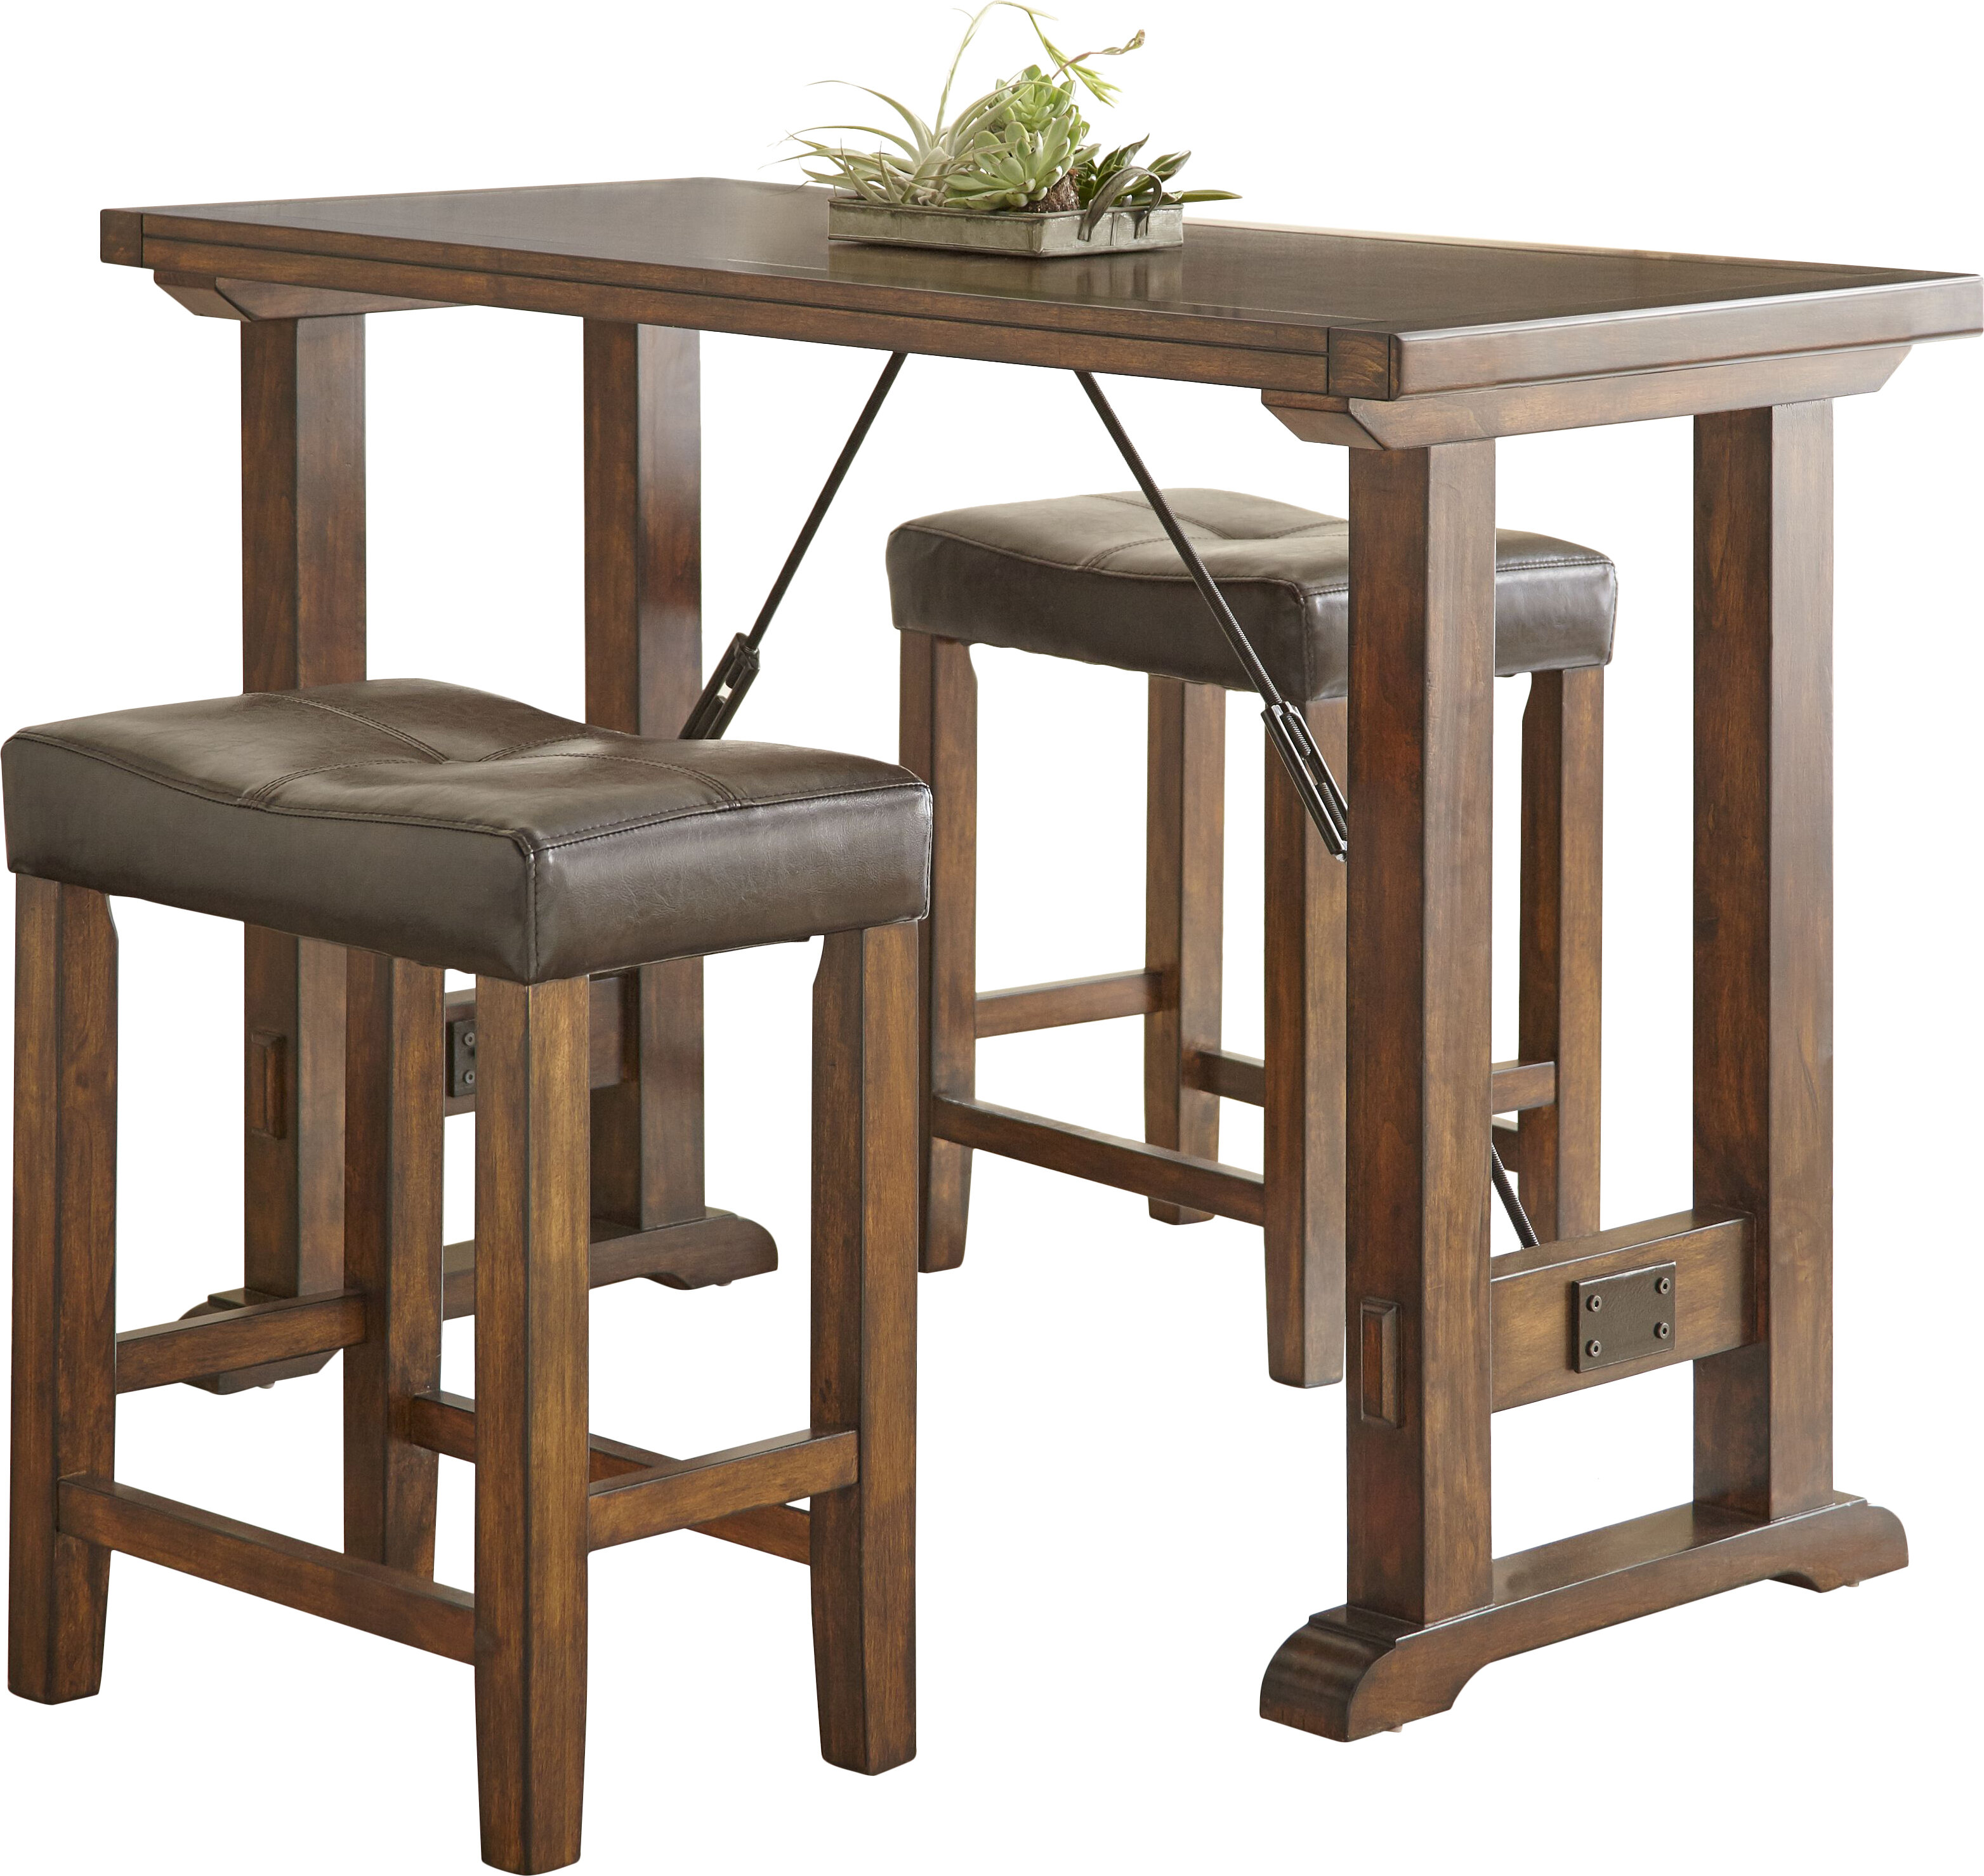 Alcott Hill Adams Northwest 3 Piece Counter Height Dining Set U0026 Reviews |  Wayfair